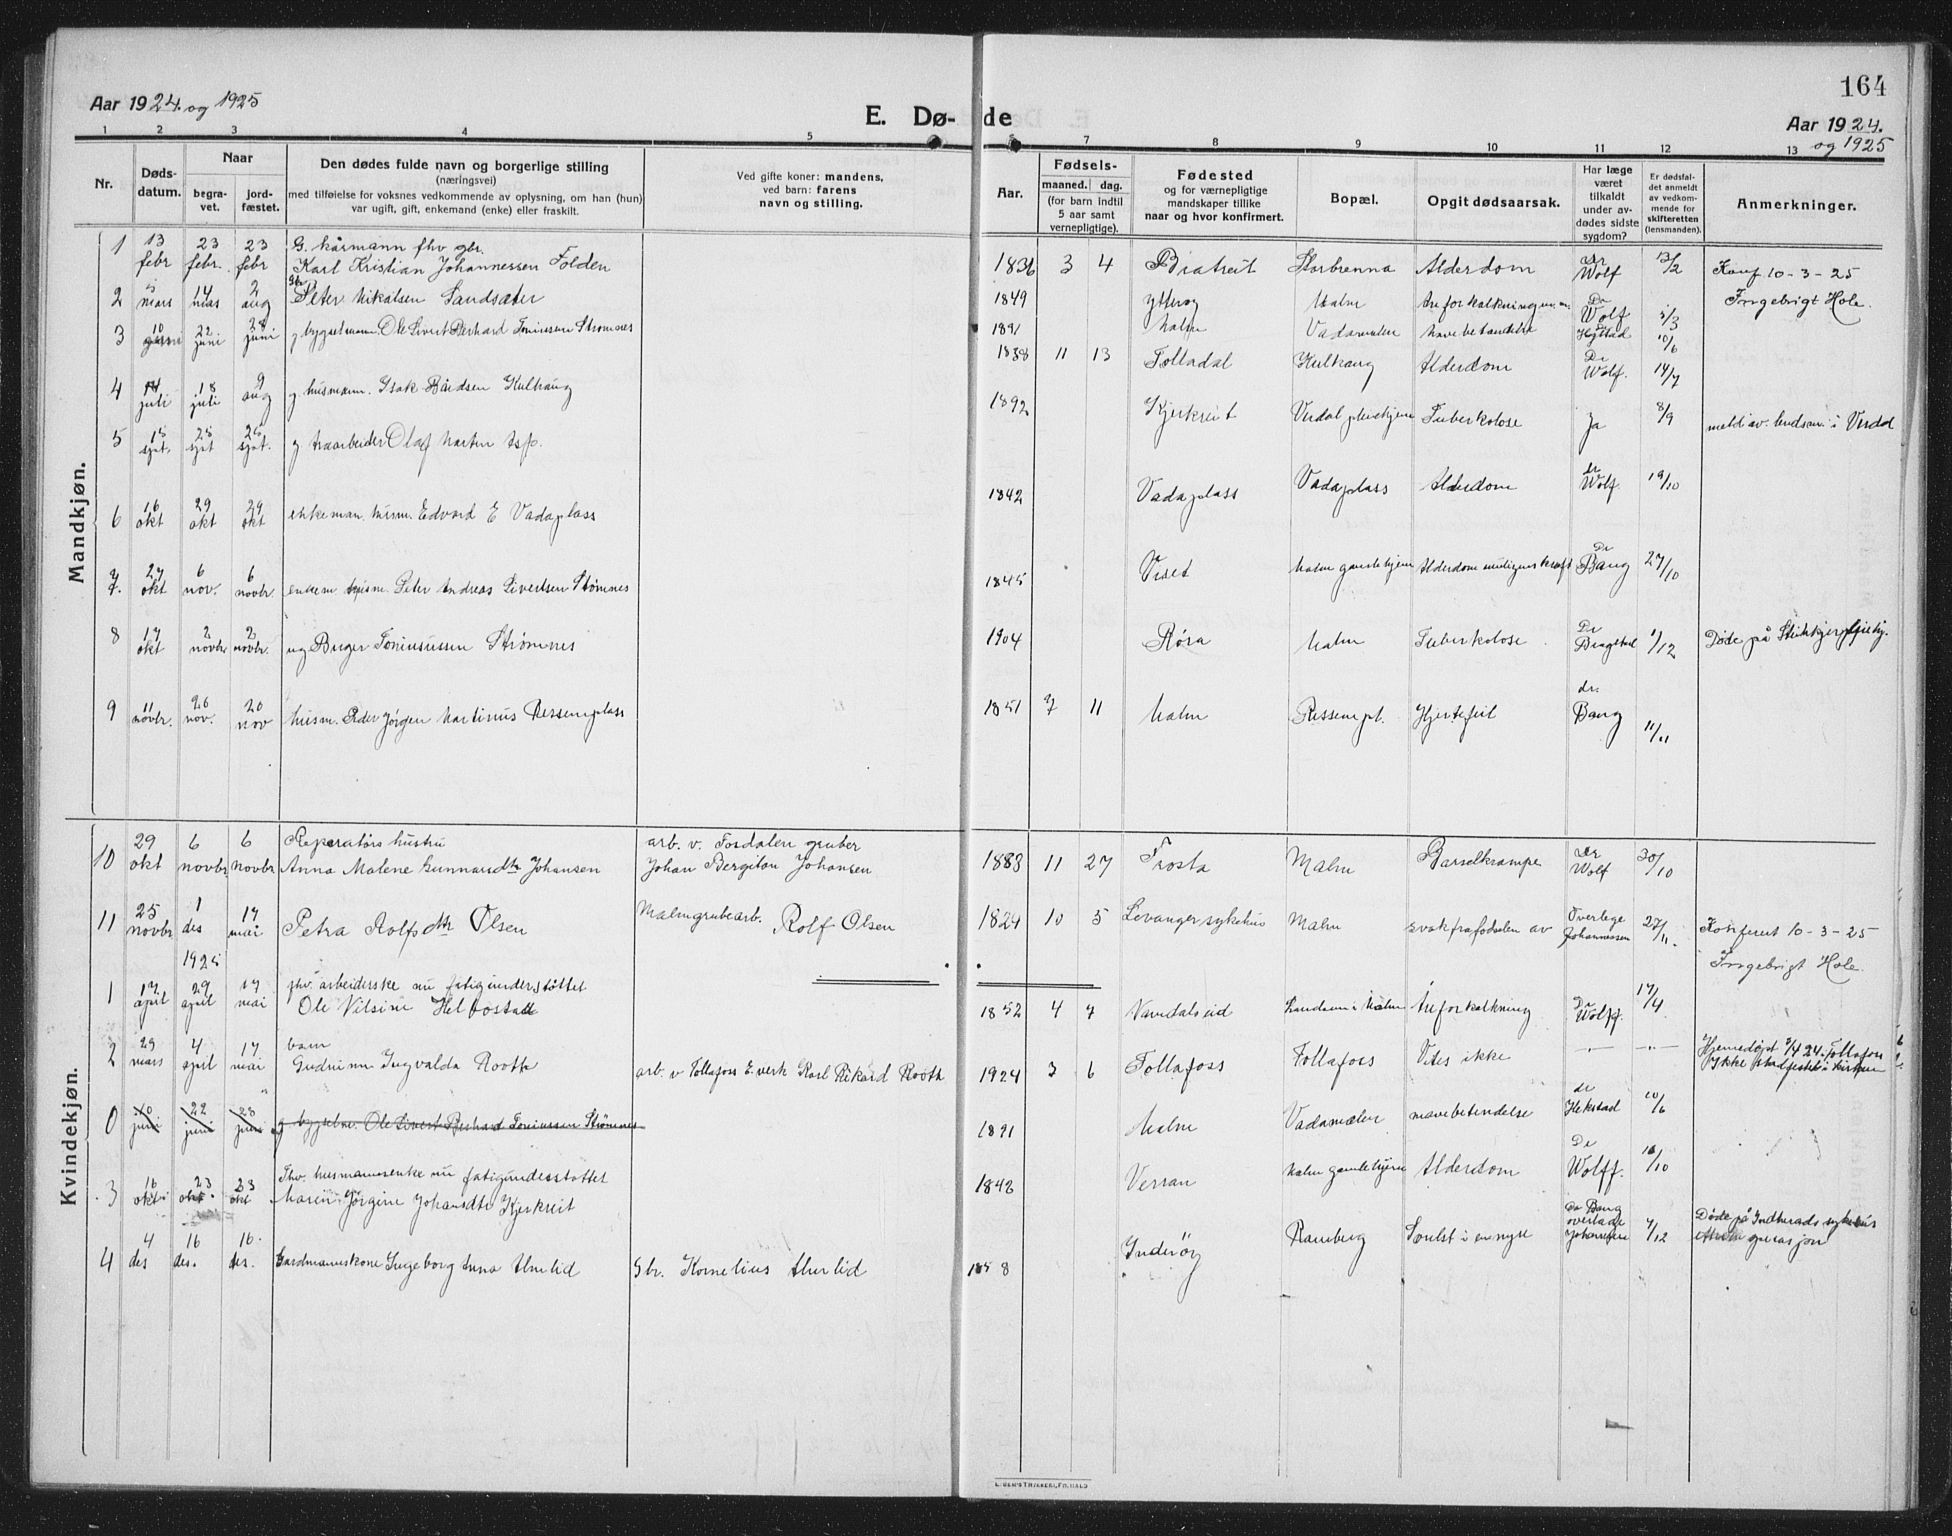 SAT, Ministerialprotokoller, klokkerbøker og fødselsregistre - Nord-Trøndelag, 745/L0434: Klokkerbok nr. 745C03, 1914-1937, s. 164